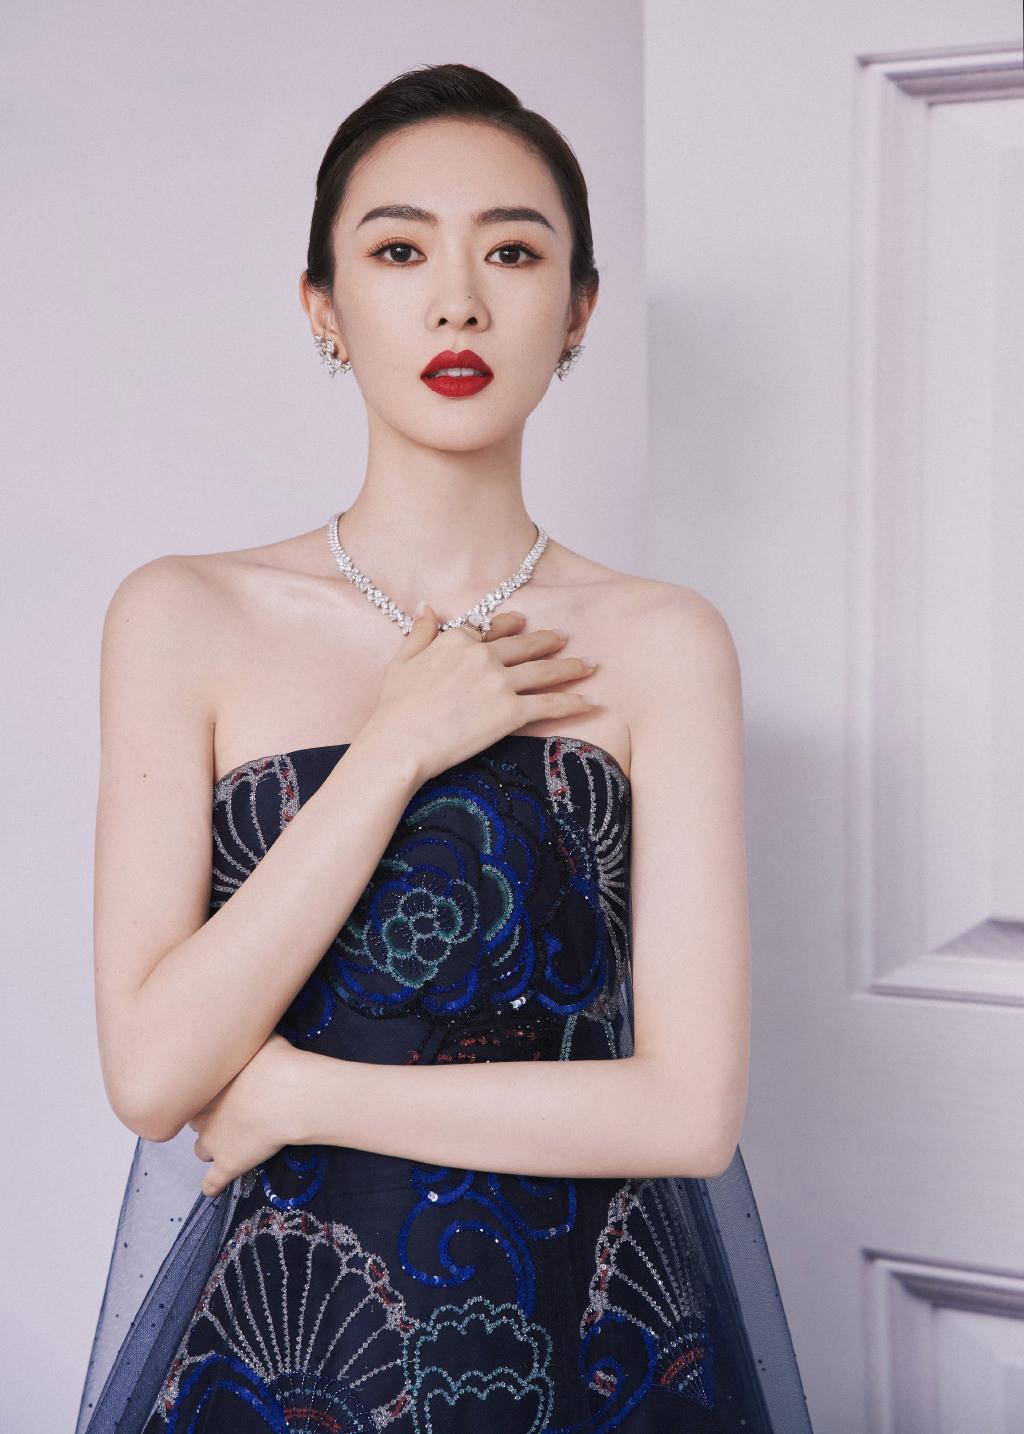 Đồng Dao là gương mặt quen thuộc tại các giải thưởng danh giá nhờ vai diễn cực ấn tượng trong 30 chưa phải là hết.